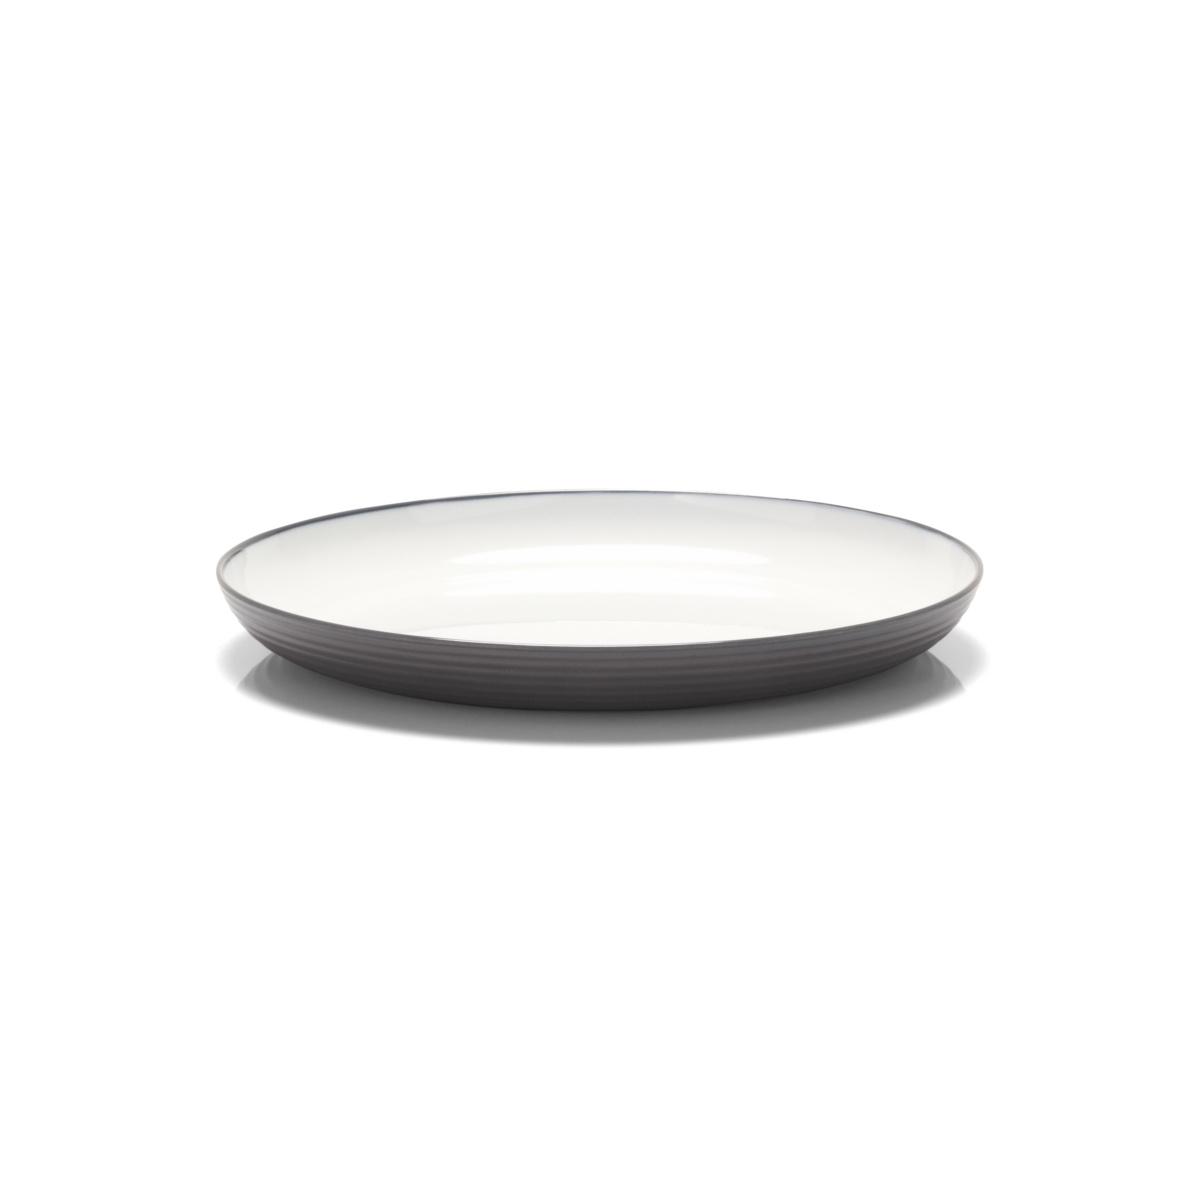 Assiette plate ronde blanc mélamine Ø 26 cm Wave Platex